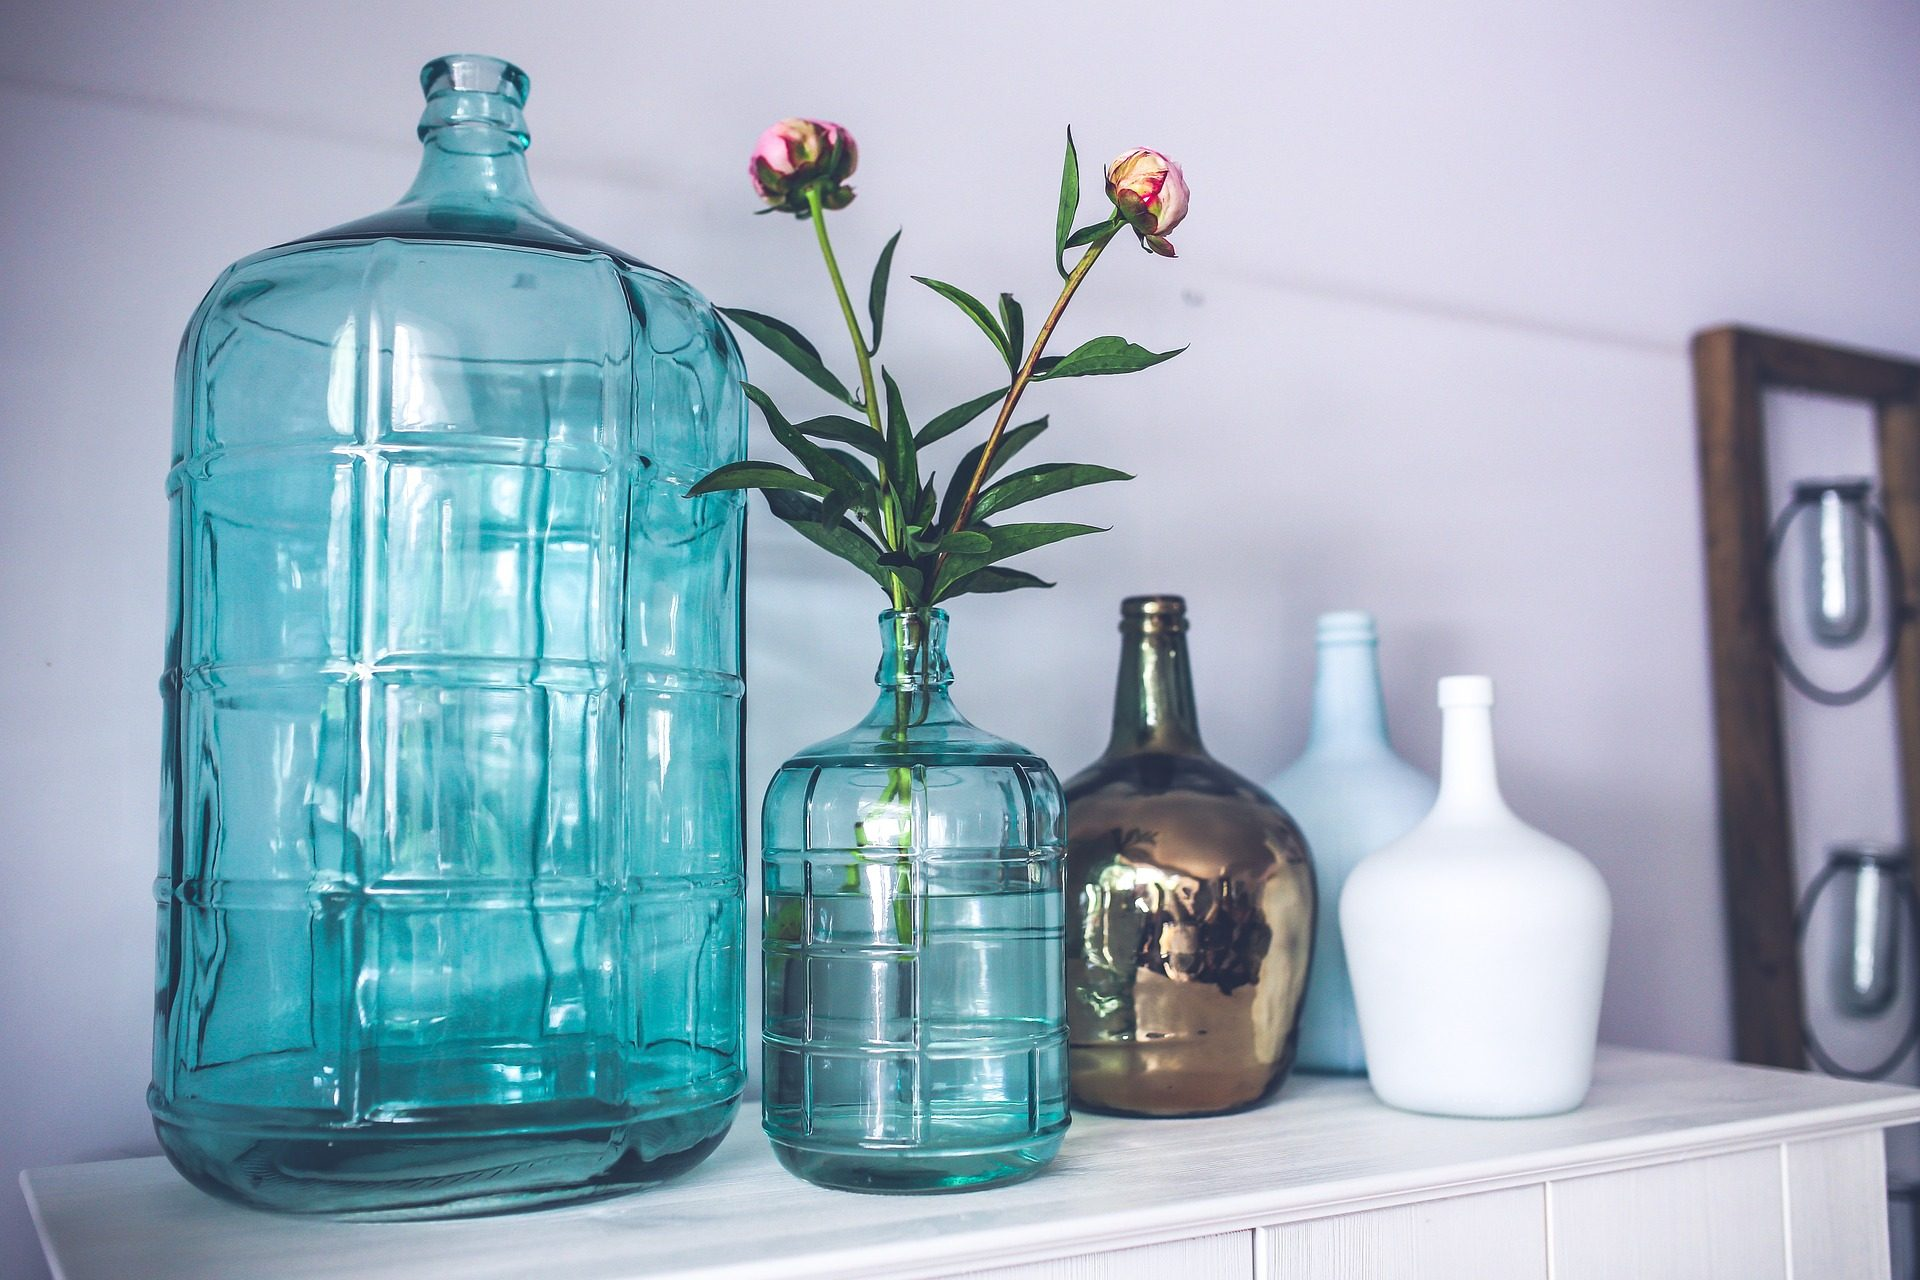 botellas, jarrones, plantas, flores, brillos, cristal - Fondos de Pantalla HD - professor-falken.com